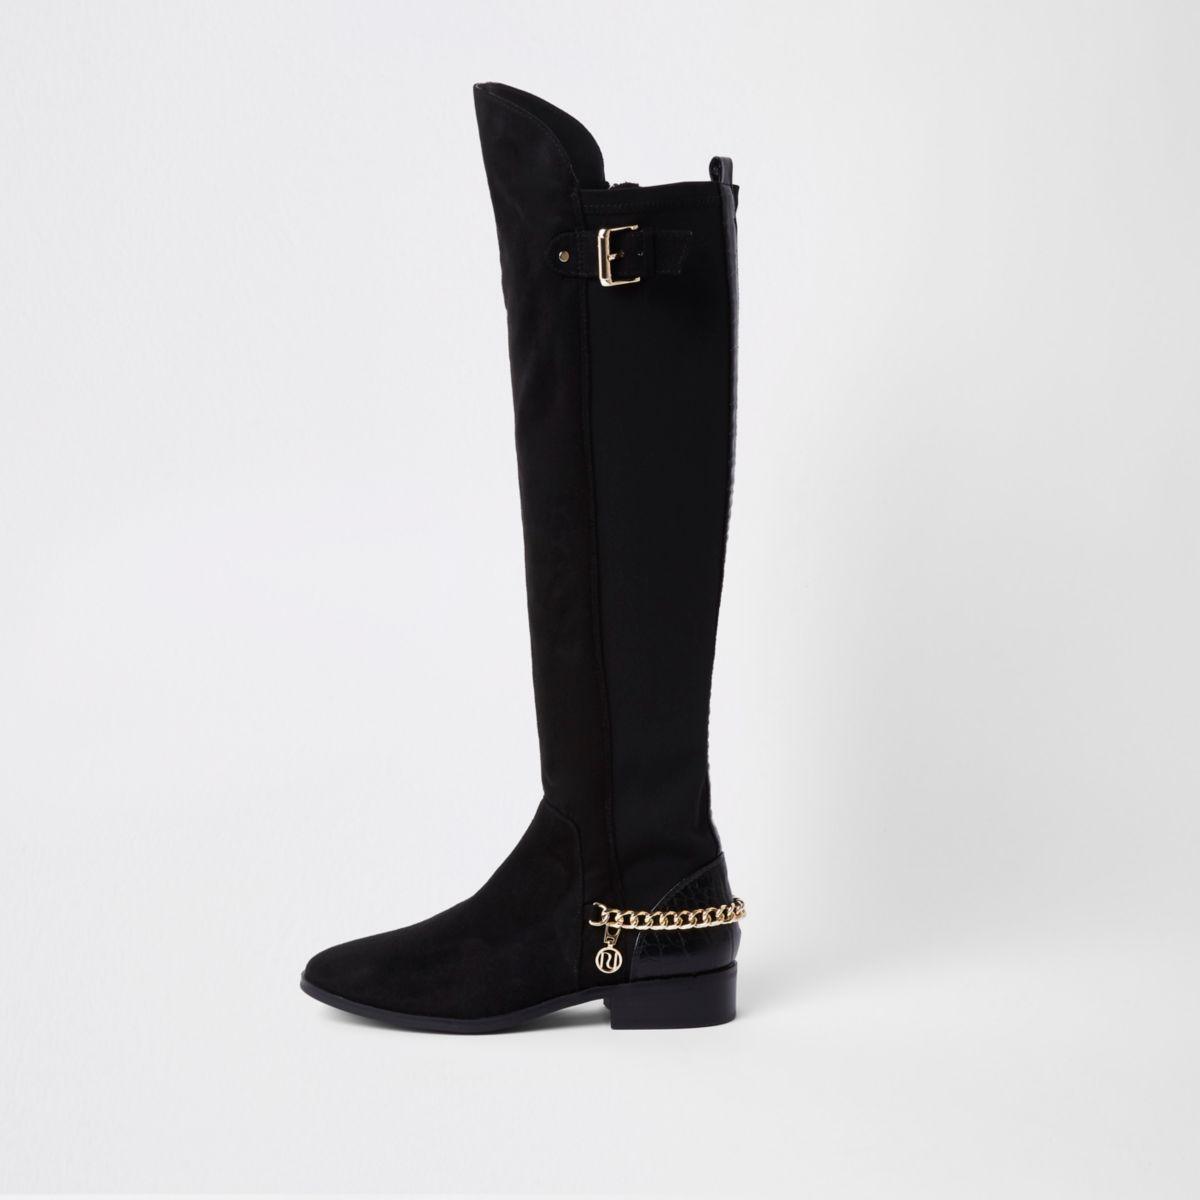 Zwarte over-de-knie-laarzen met ketting en brede pasvorm